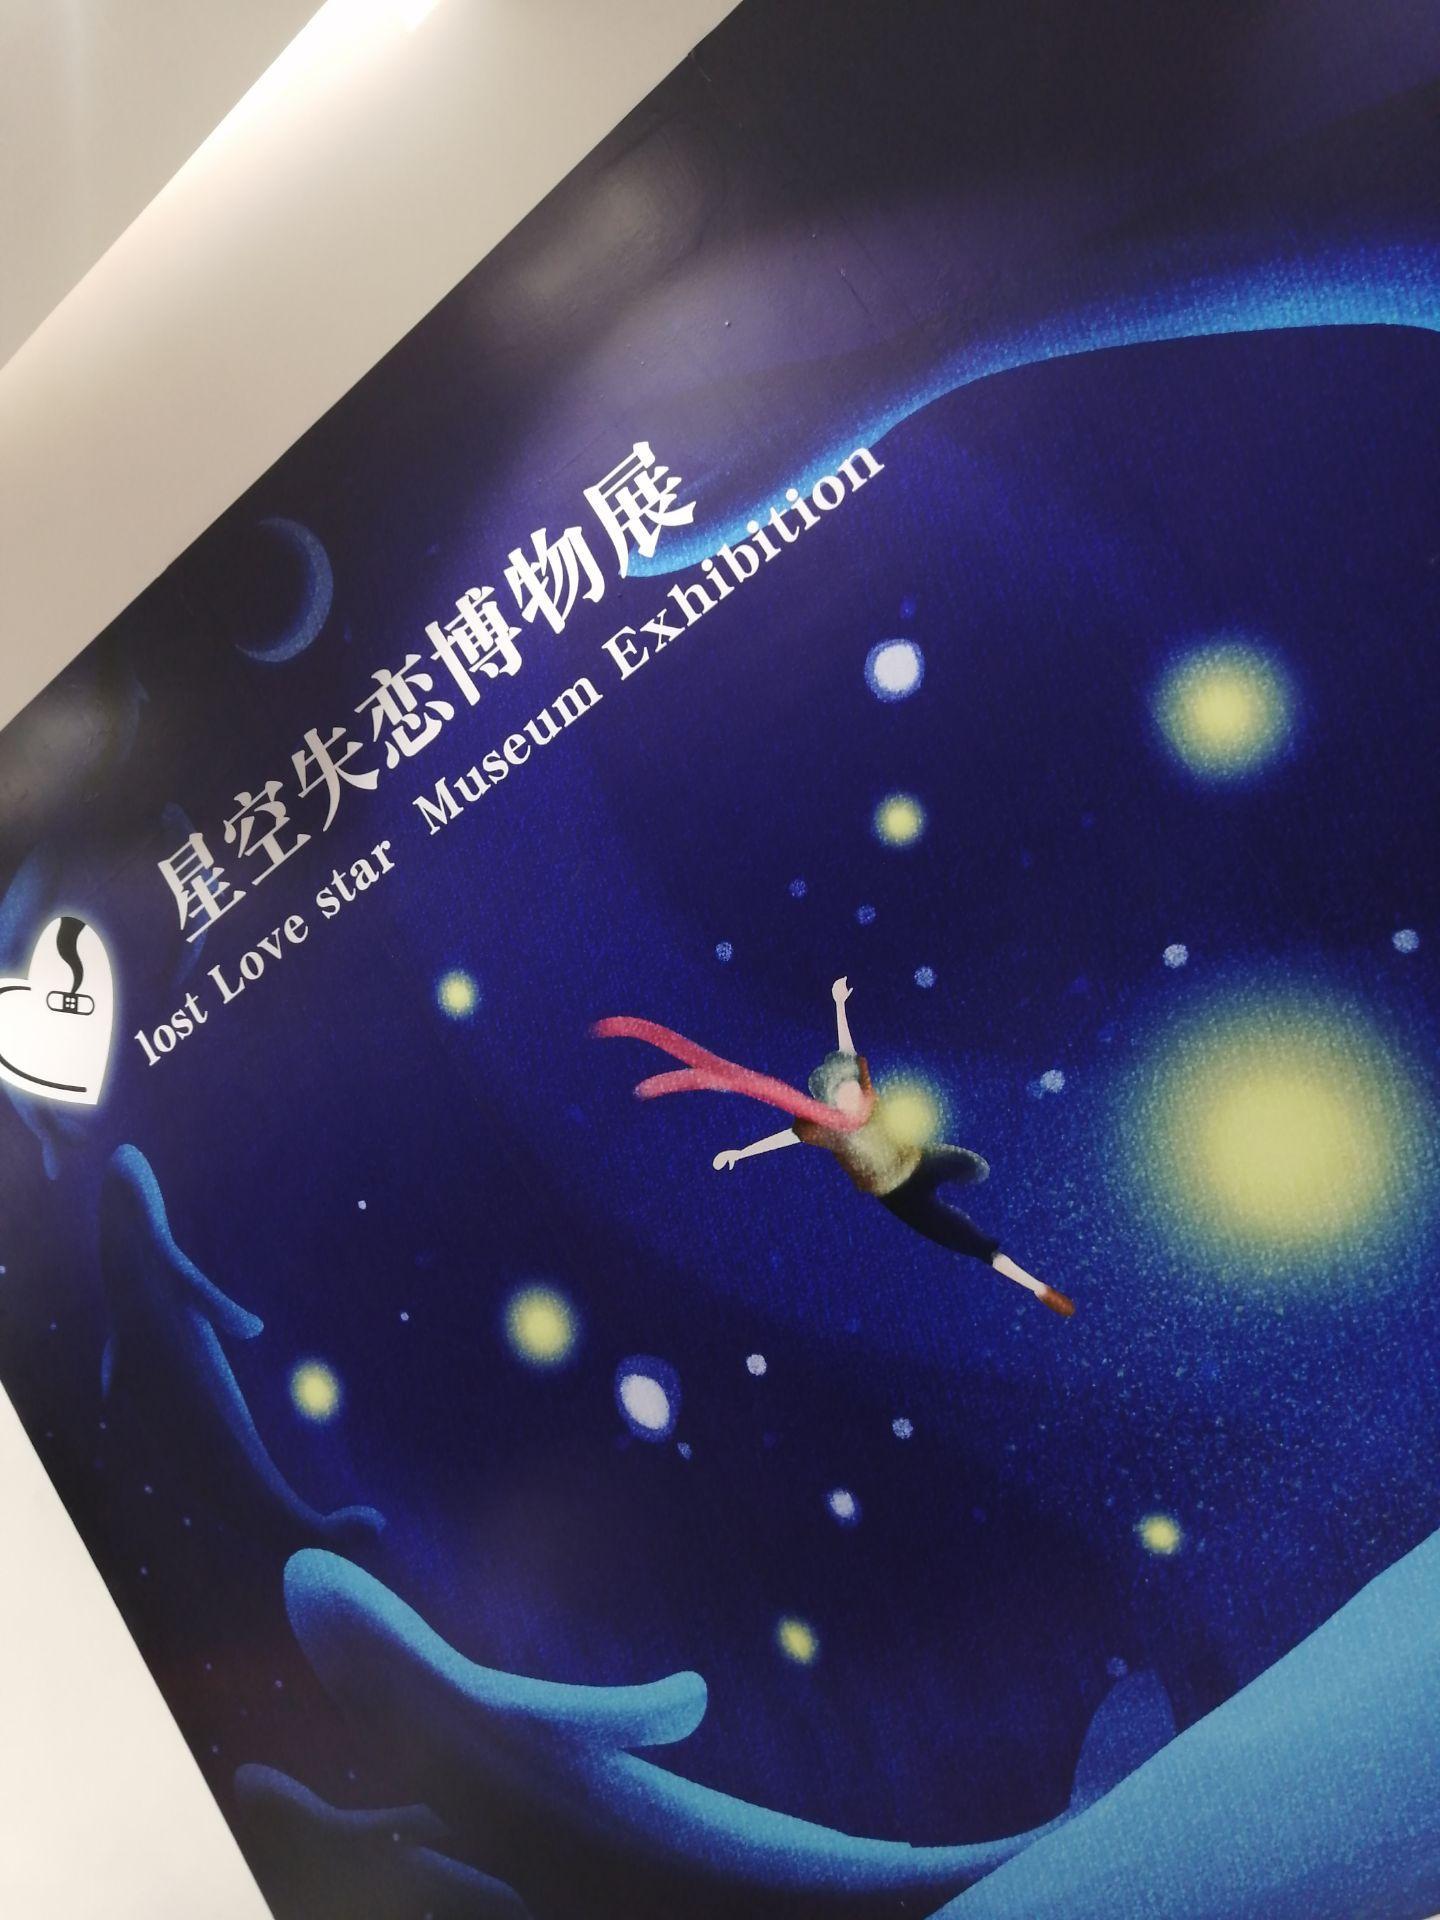 广州星空博物馆_【携程攻略】广州广州星空失恋博物馆景点,来得很值,超美 ...